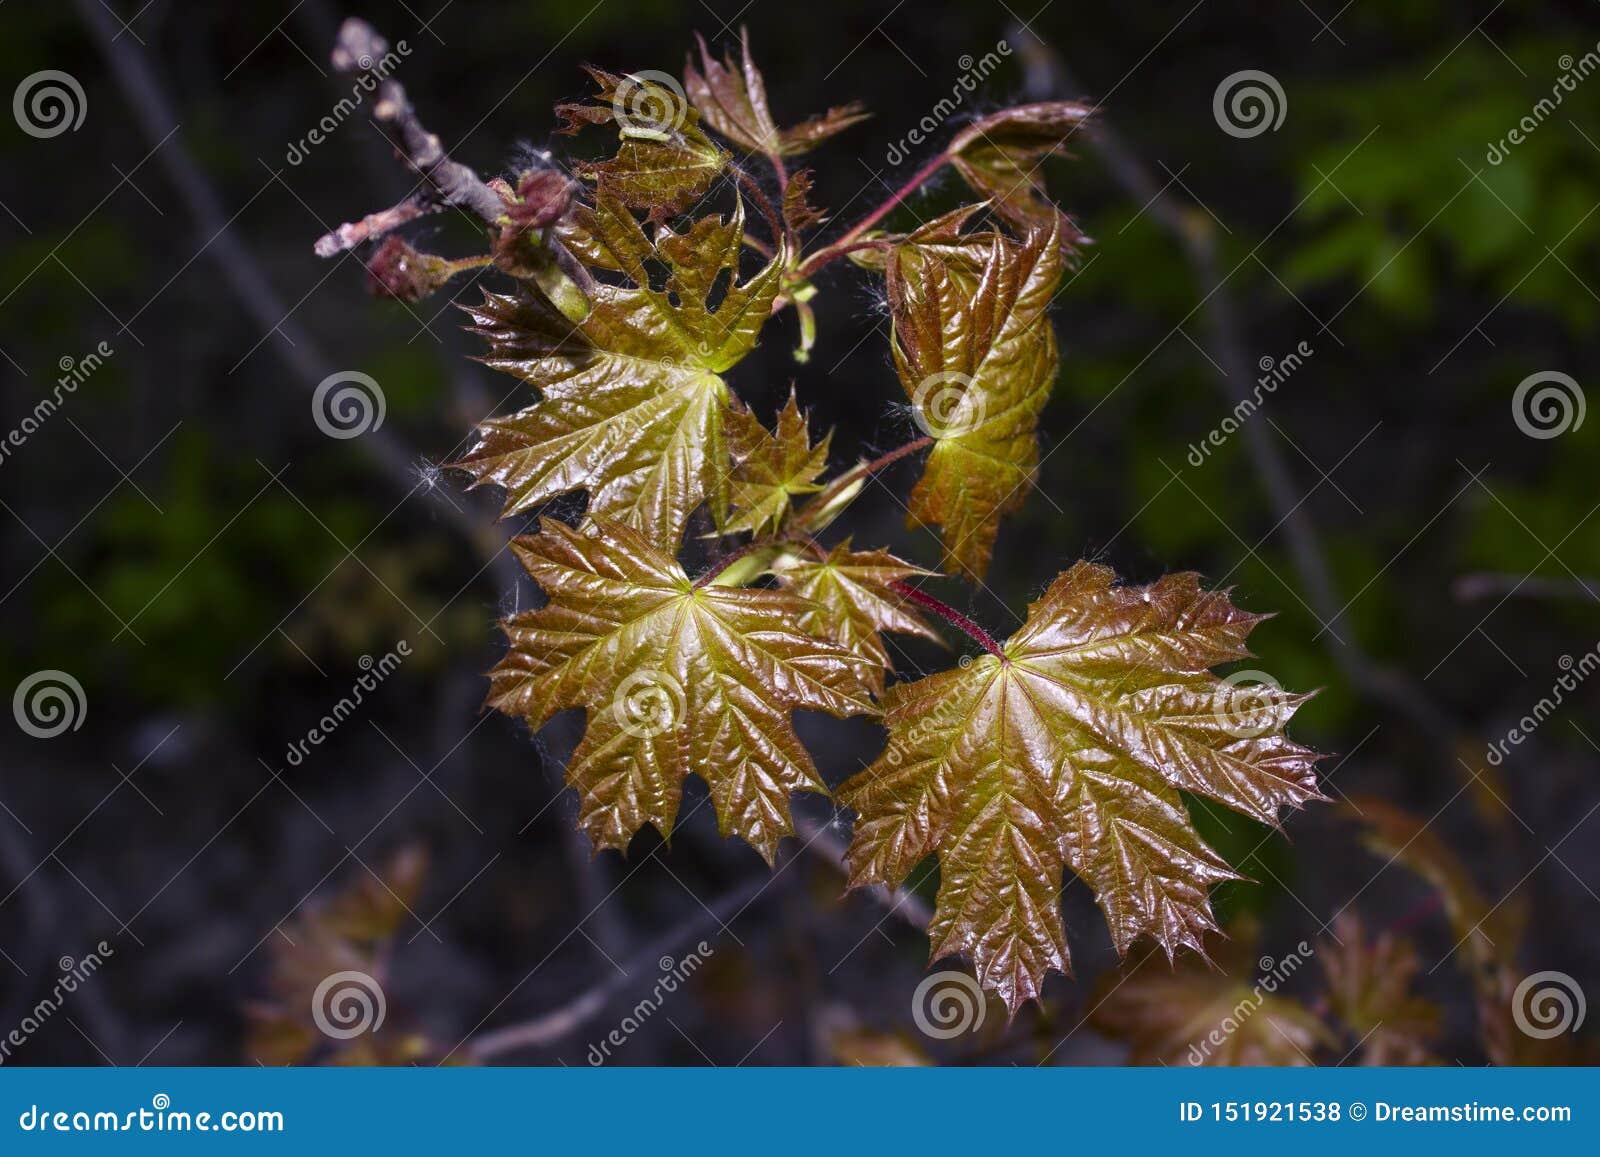 Τα νέα στιλπνά φύλλα του σφενδάμνου που αυξήθηκε την πρώιμη άνοιξη